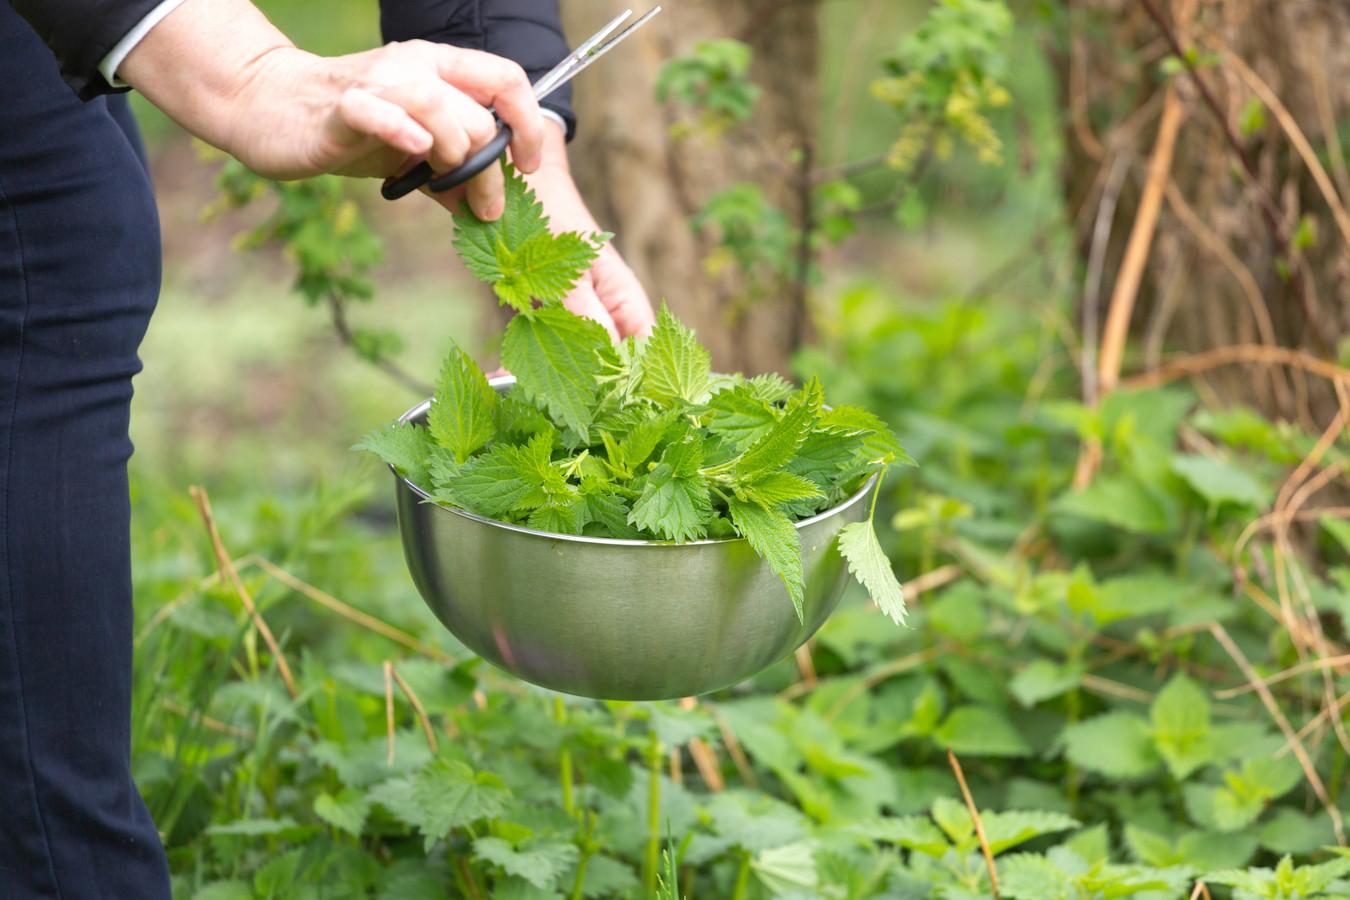 """Onkruid zorgt niet alleen voor kommer en kwel in je tuin: er bestaan ook nuttige soorten. """"Brandnetels halen bijvoorbeeld veel stikstof uit de grond"""", zegt Marc."""